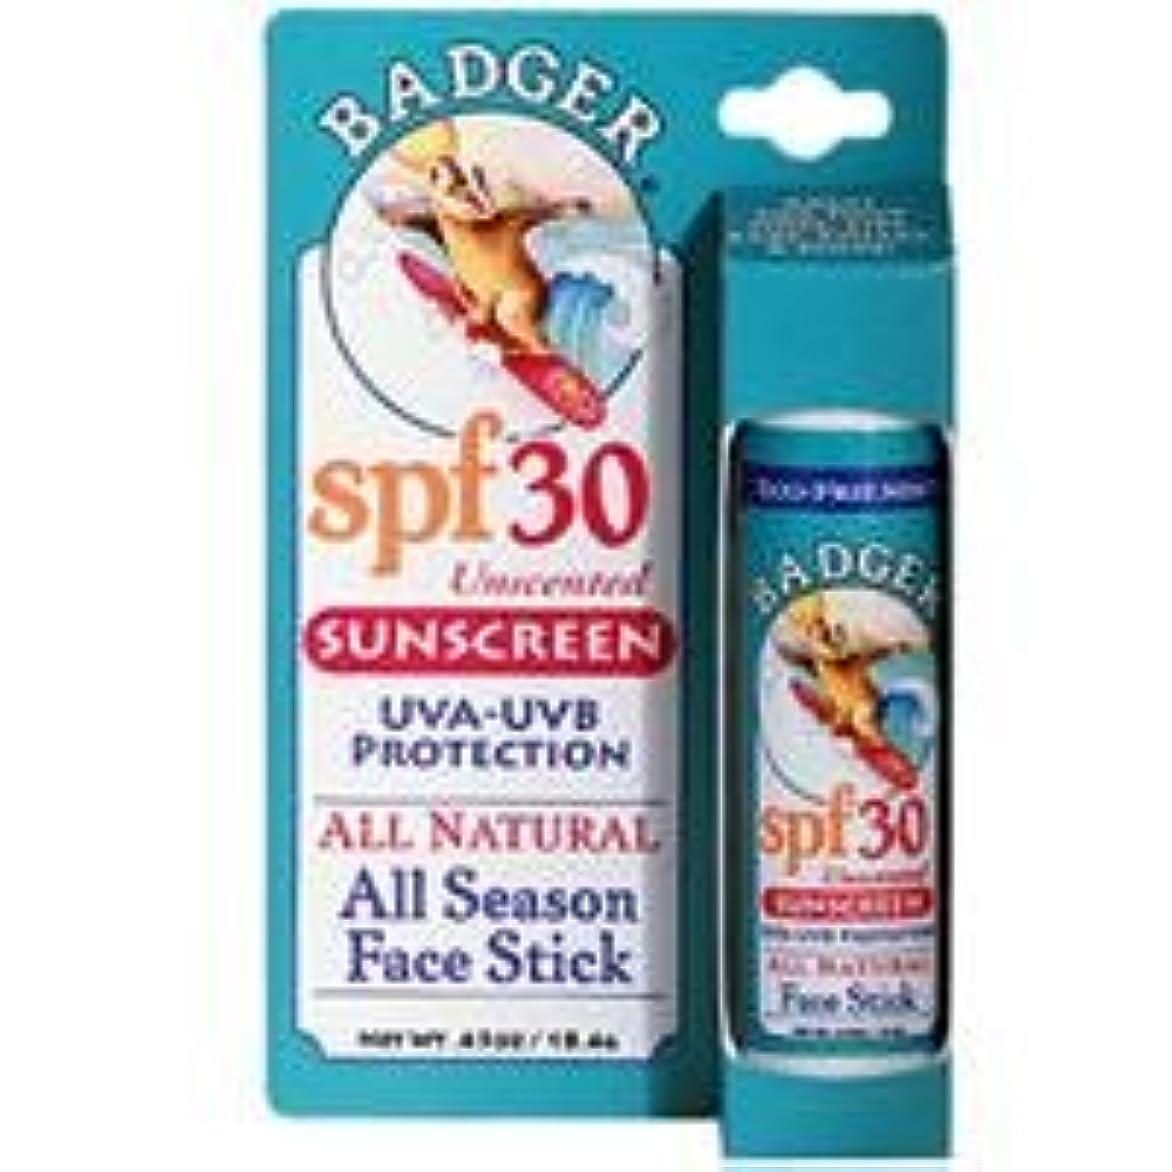 同級生削るにもかかわらず[海外直送品] バジャー(Badger) フェイススティック サンスクリーン SPF30 18.4g (無香料)